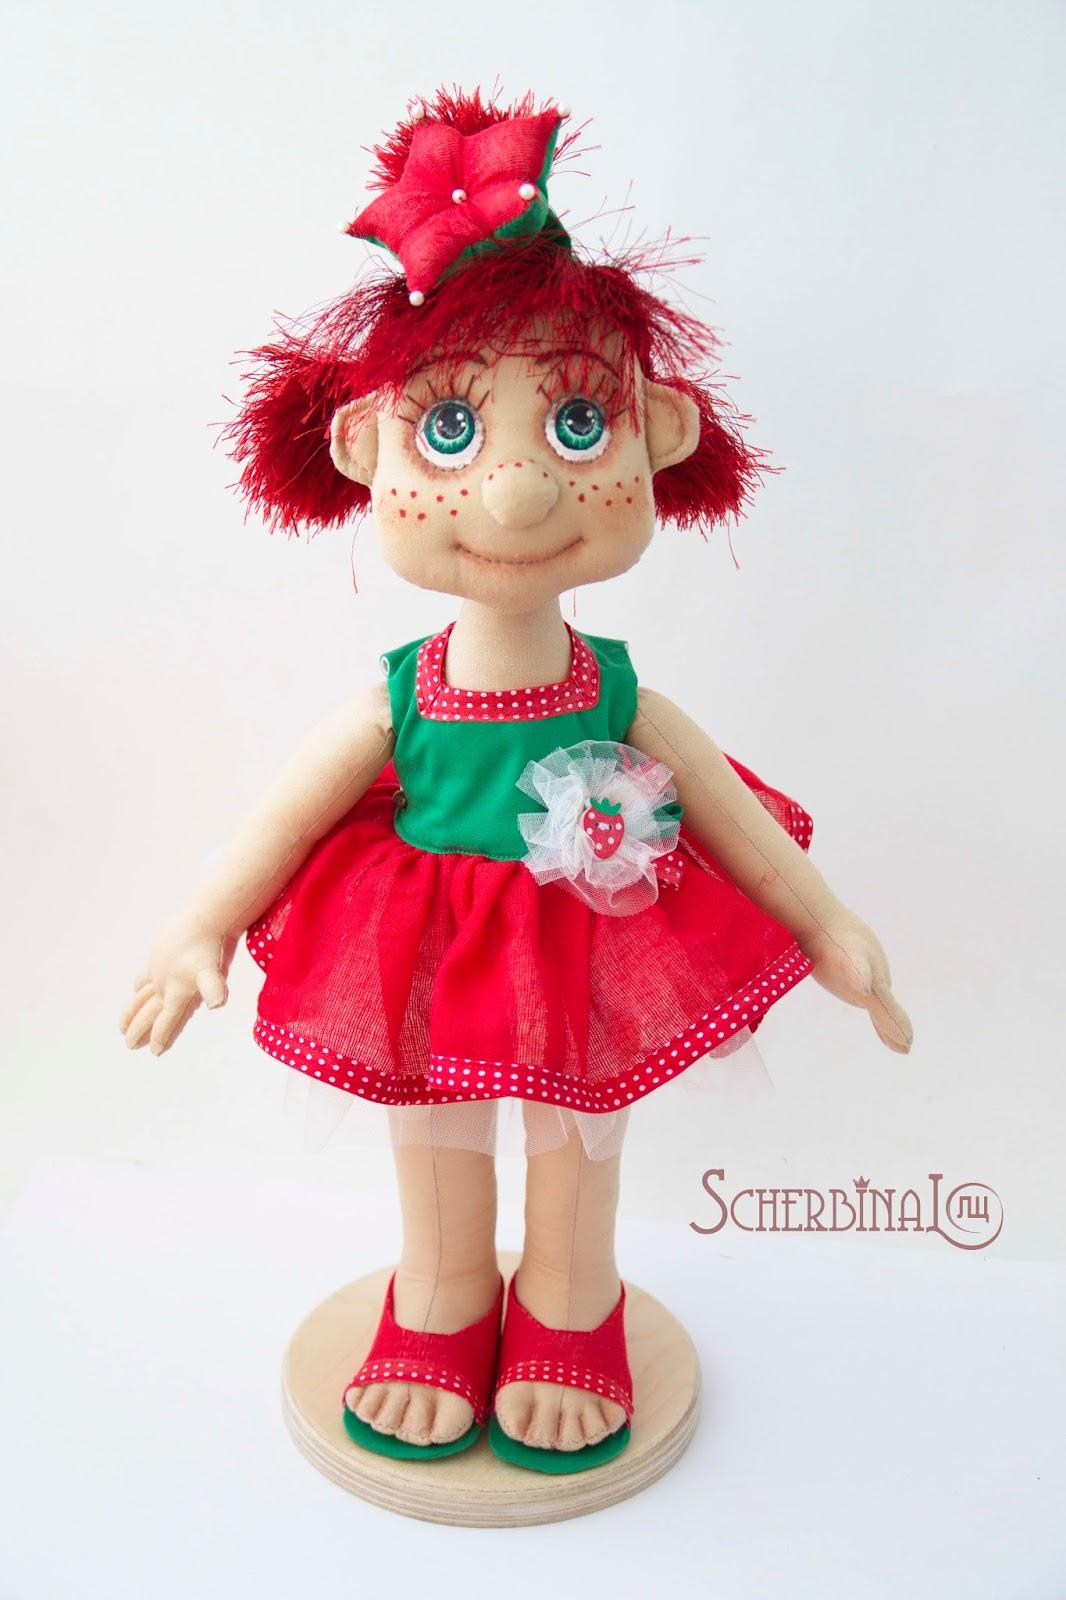 игровая текстильная кукла своими руками, кукла карамелька, кукла земляничка